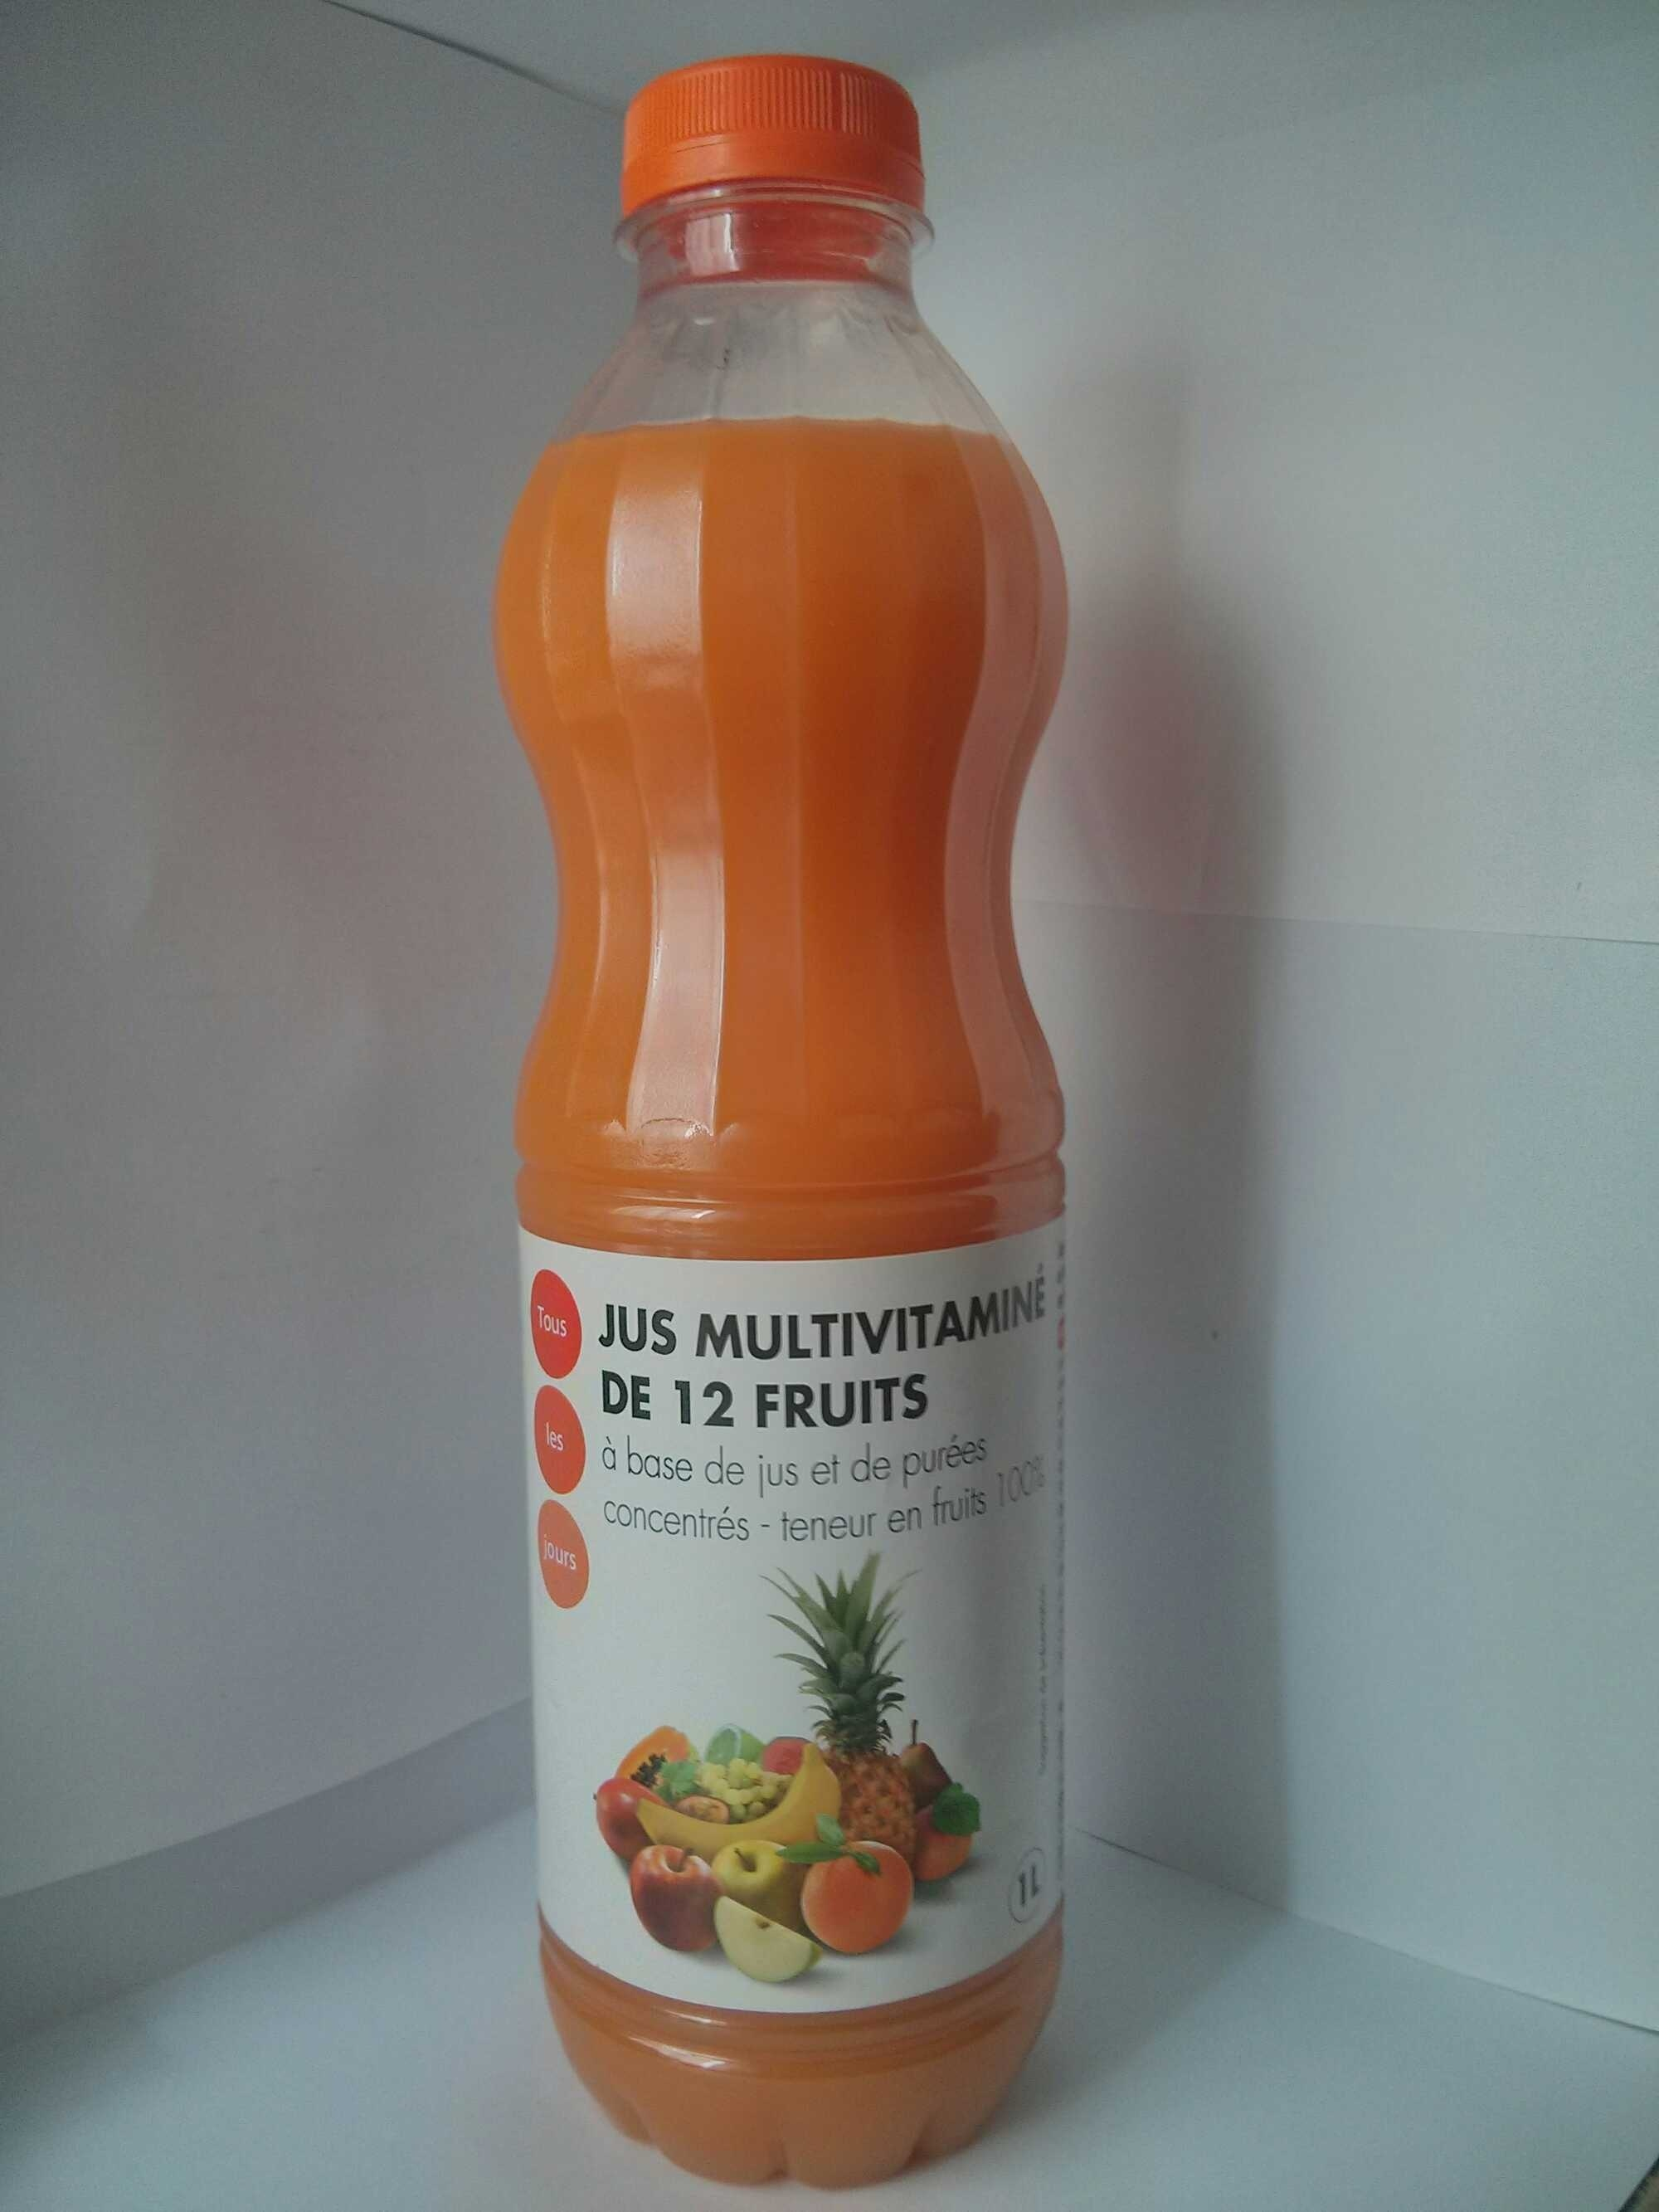 Jus multivitaminé de 12 fruits - Product